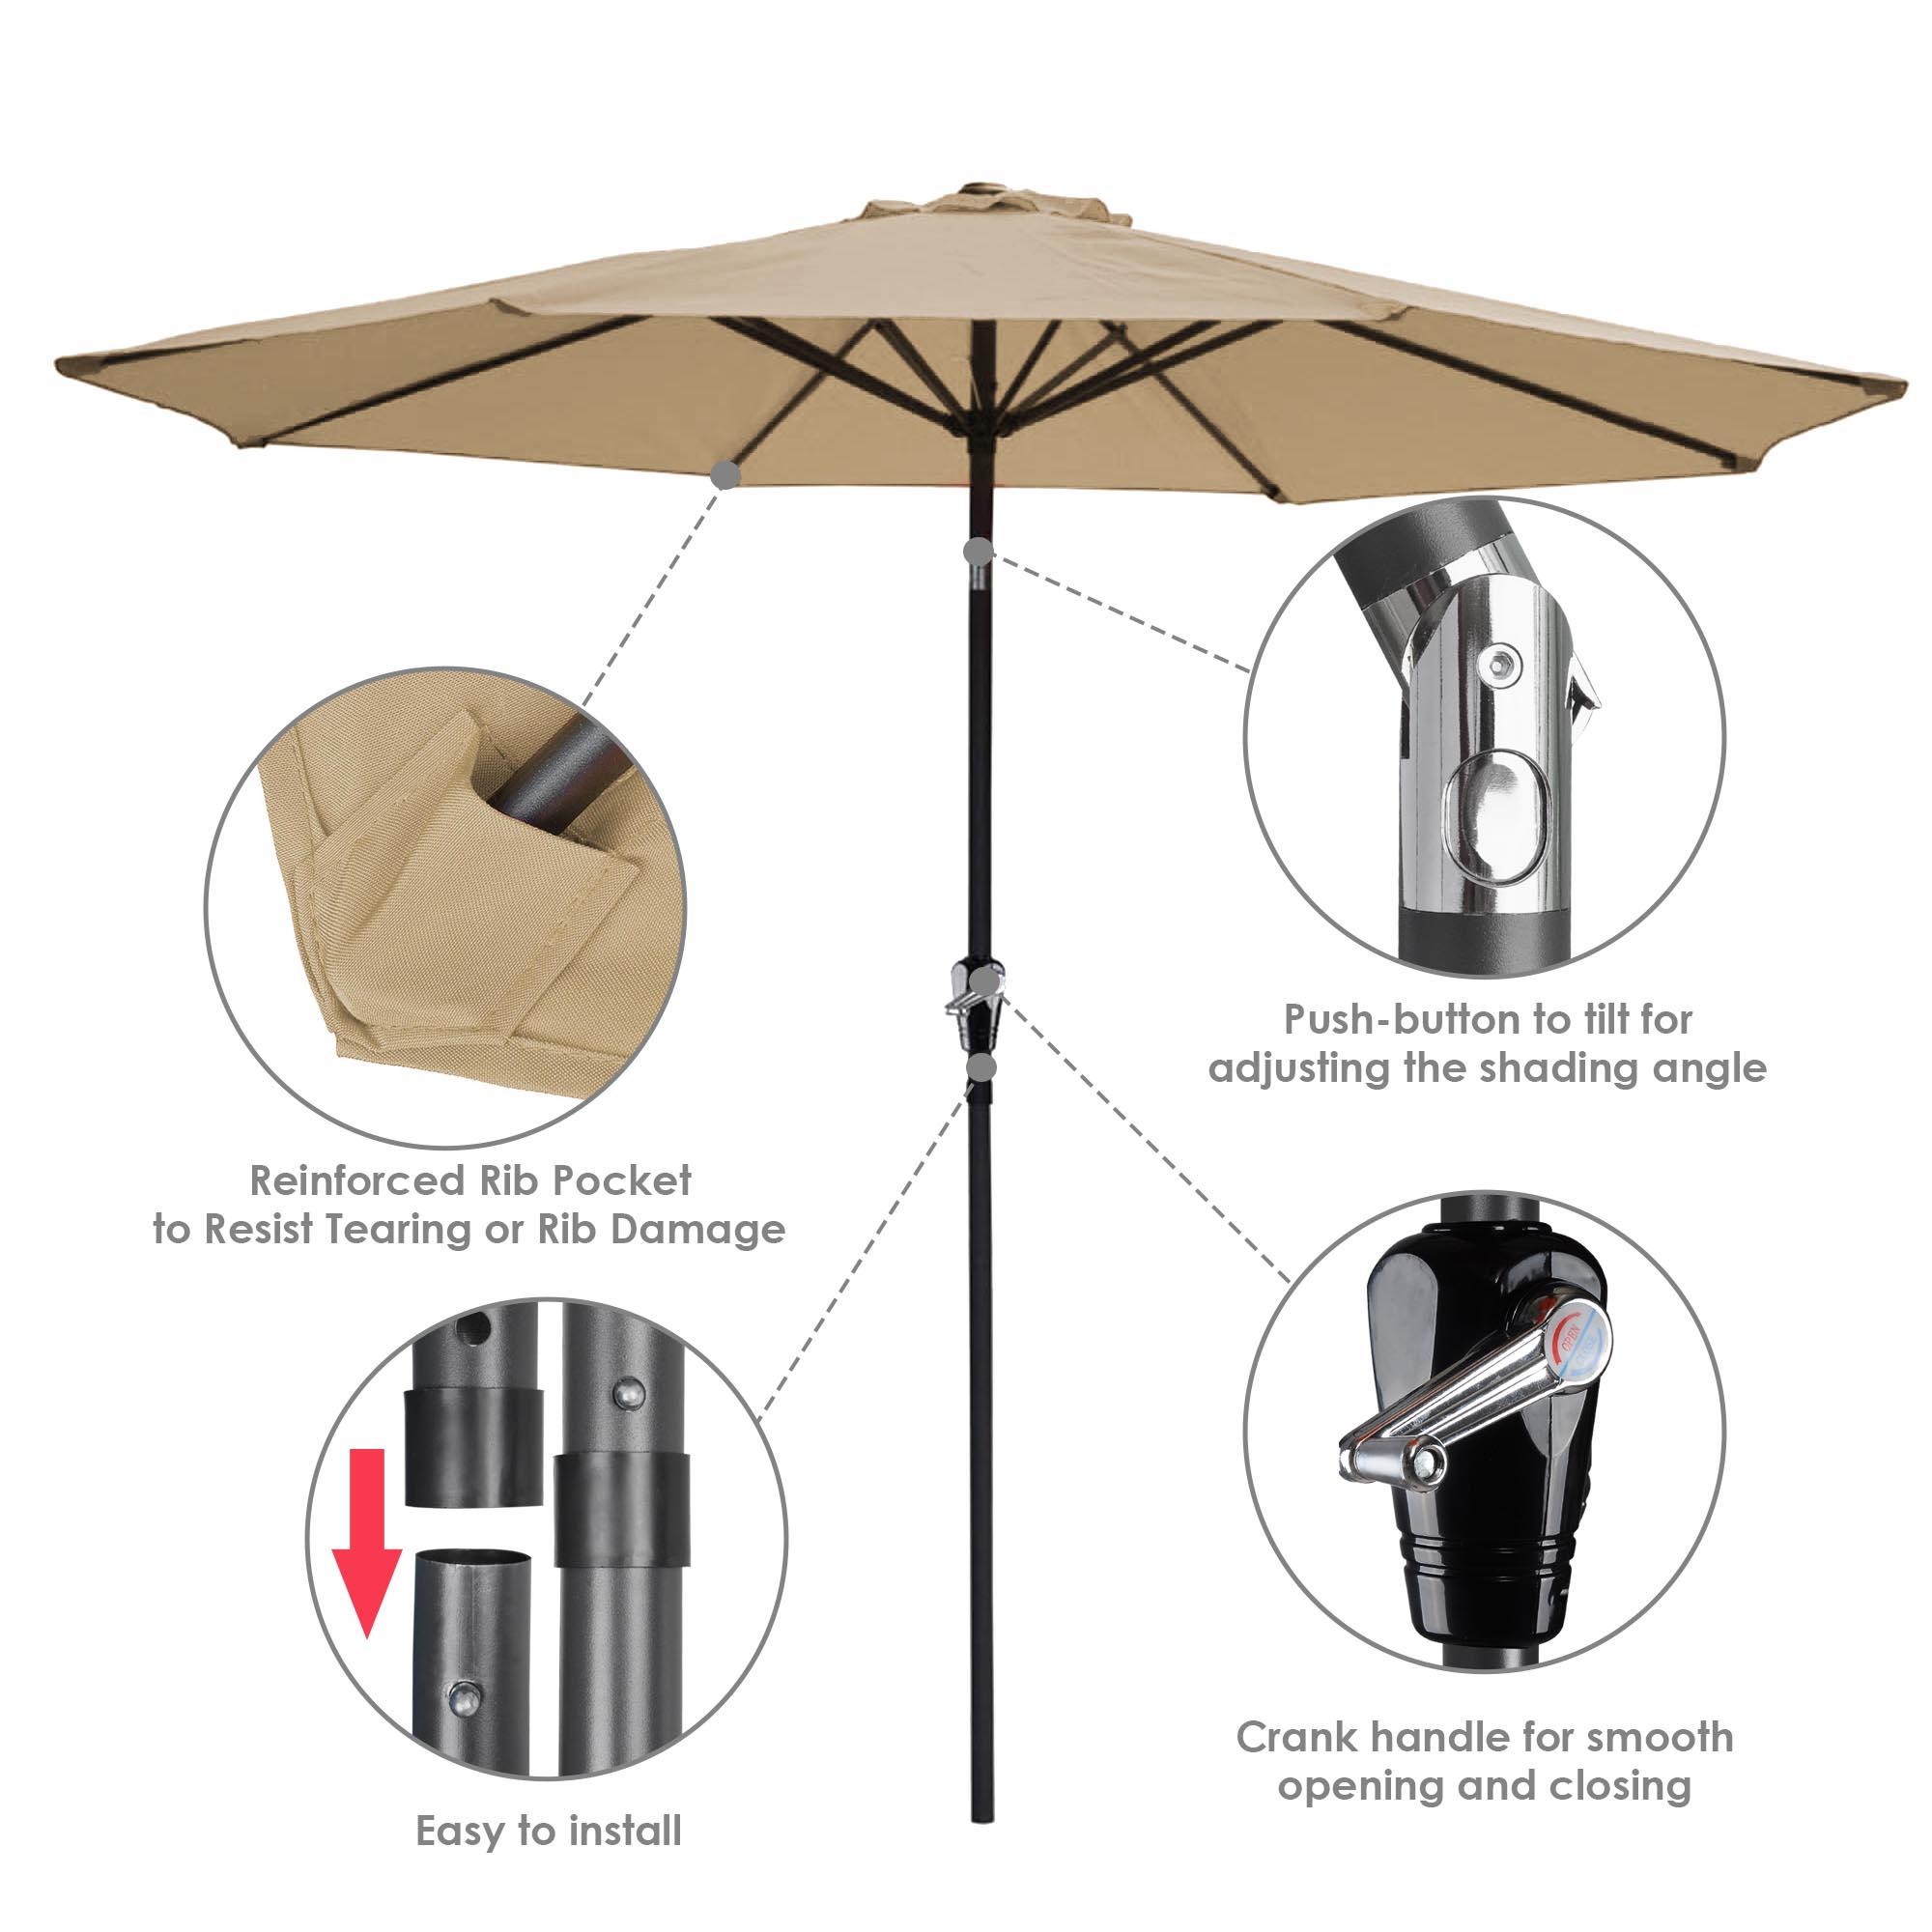 thumbnail 100 - 9' Outdoor Umbrella Patio 8 Ribs Market Garden Crank Tilt Beach Sunshade Parasol